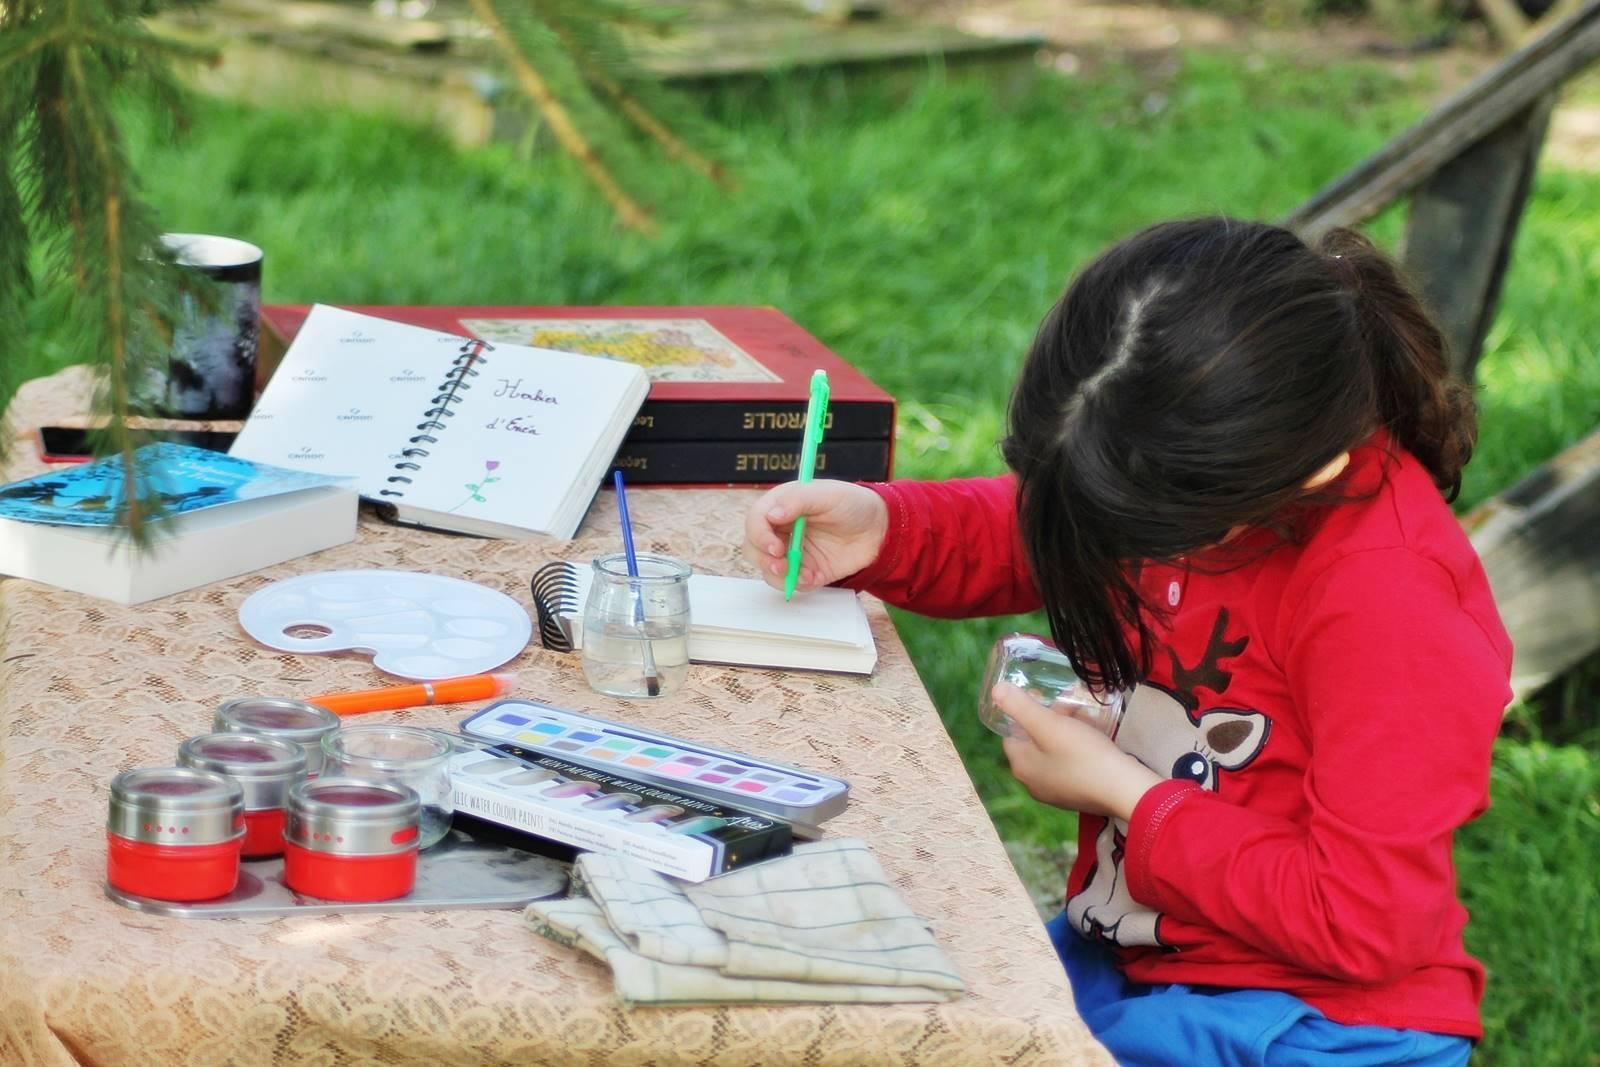 Recencement nature enfant jardinrecencement 13